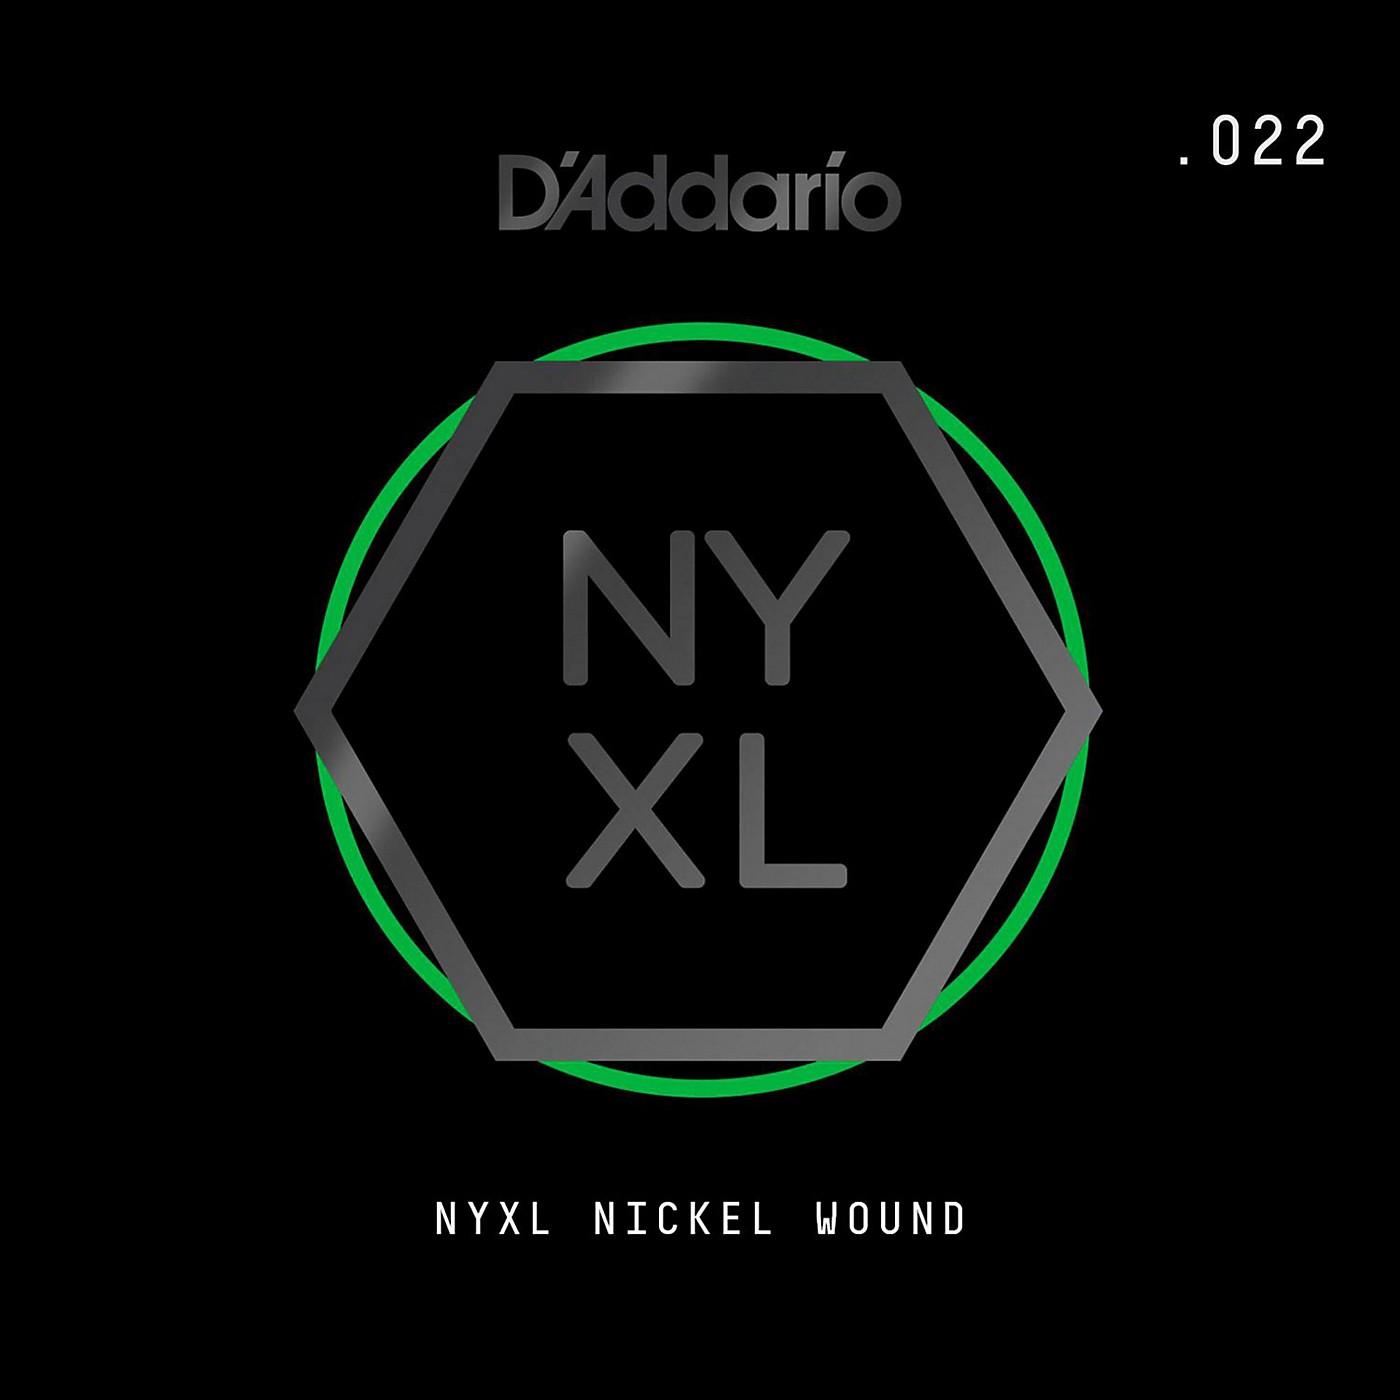 D'Addario NYNW022 NYXL Nickel Wound Electric Guitar Single String, .022 thumbnail